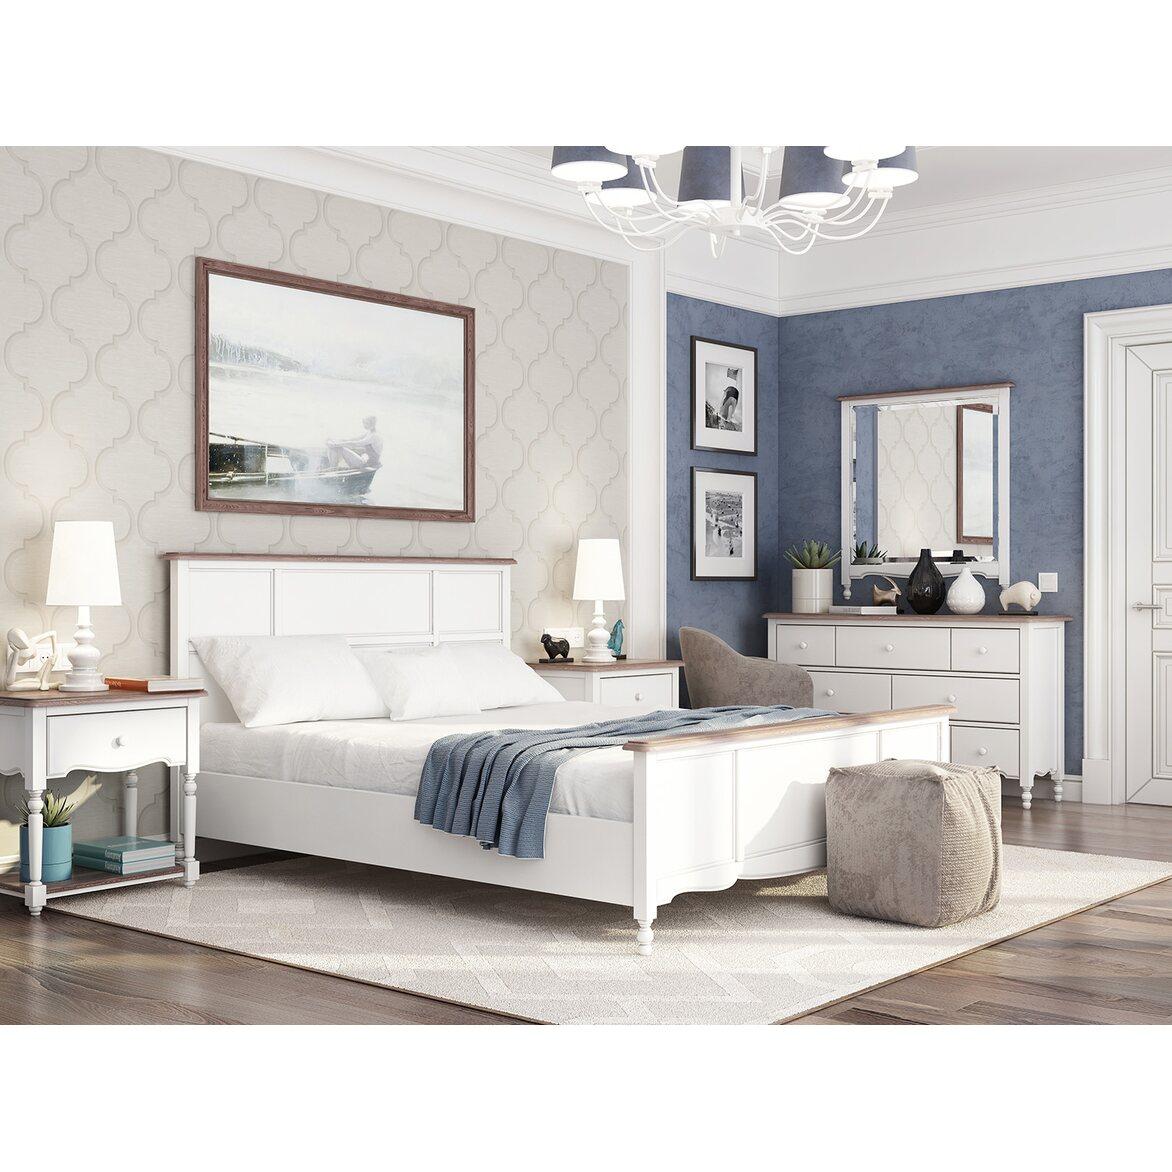 Шкаф трехстворчатый Leblanc, белый 4 | Платяные шкафы Kingsby